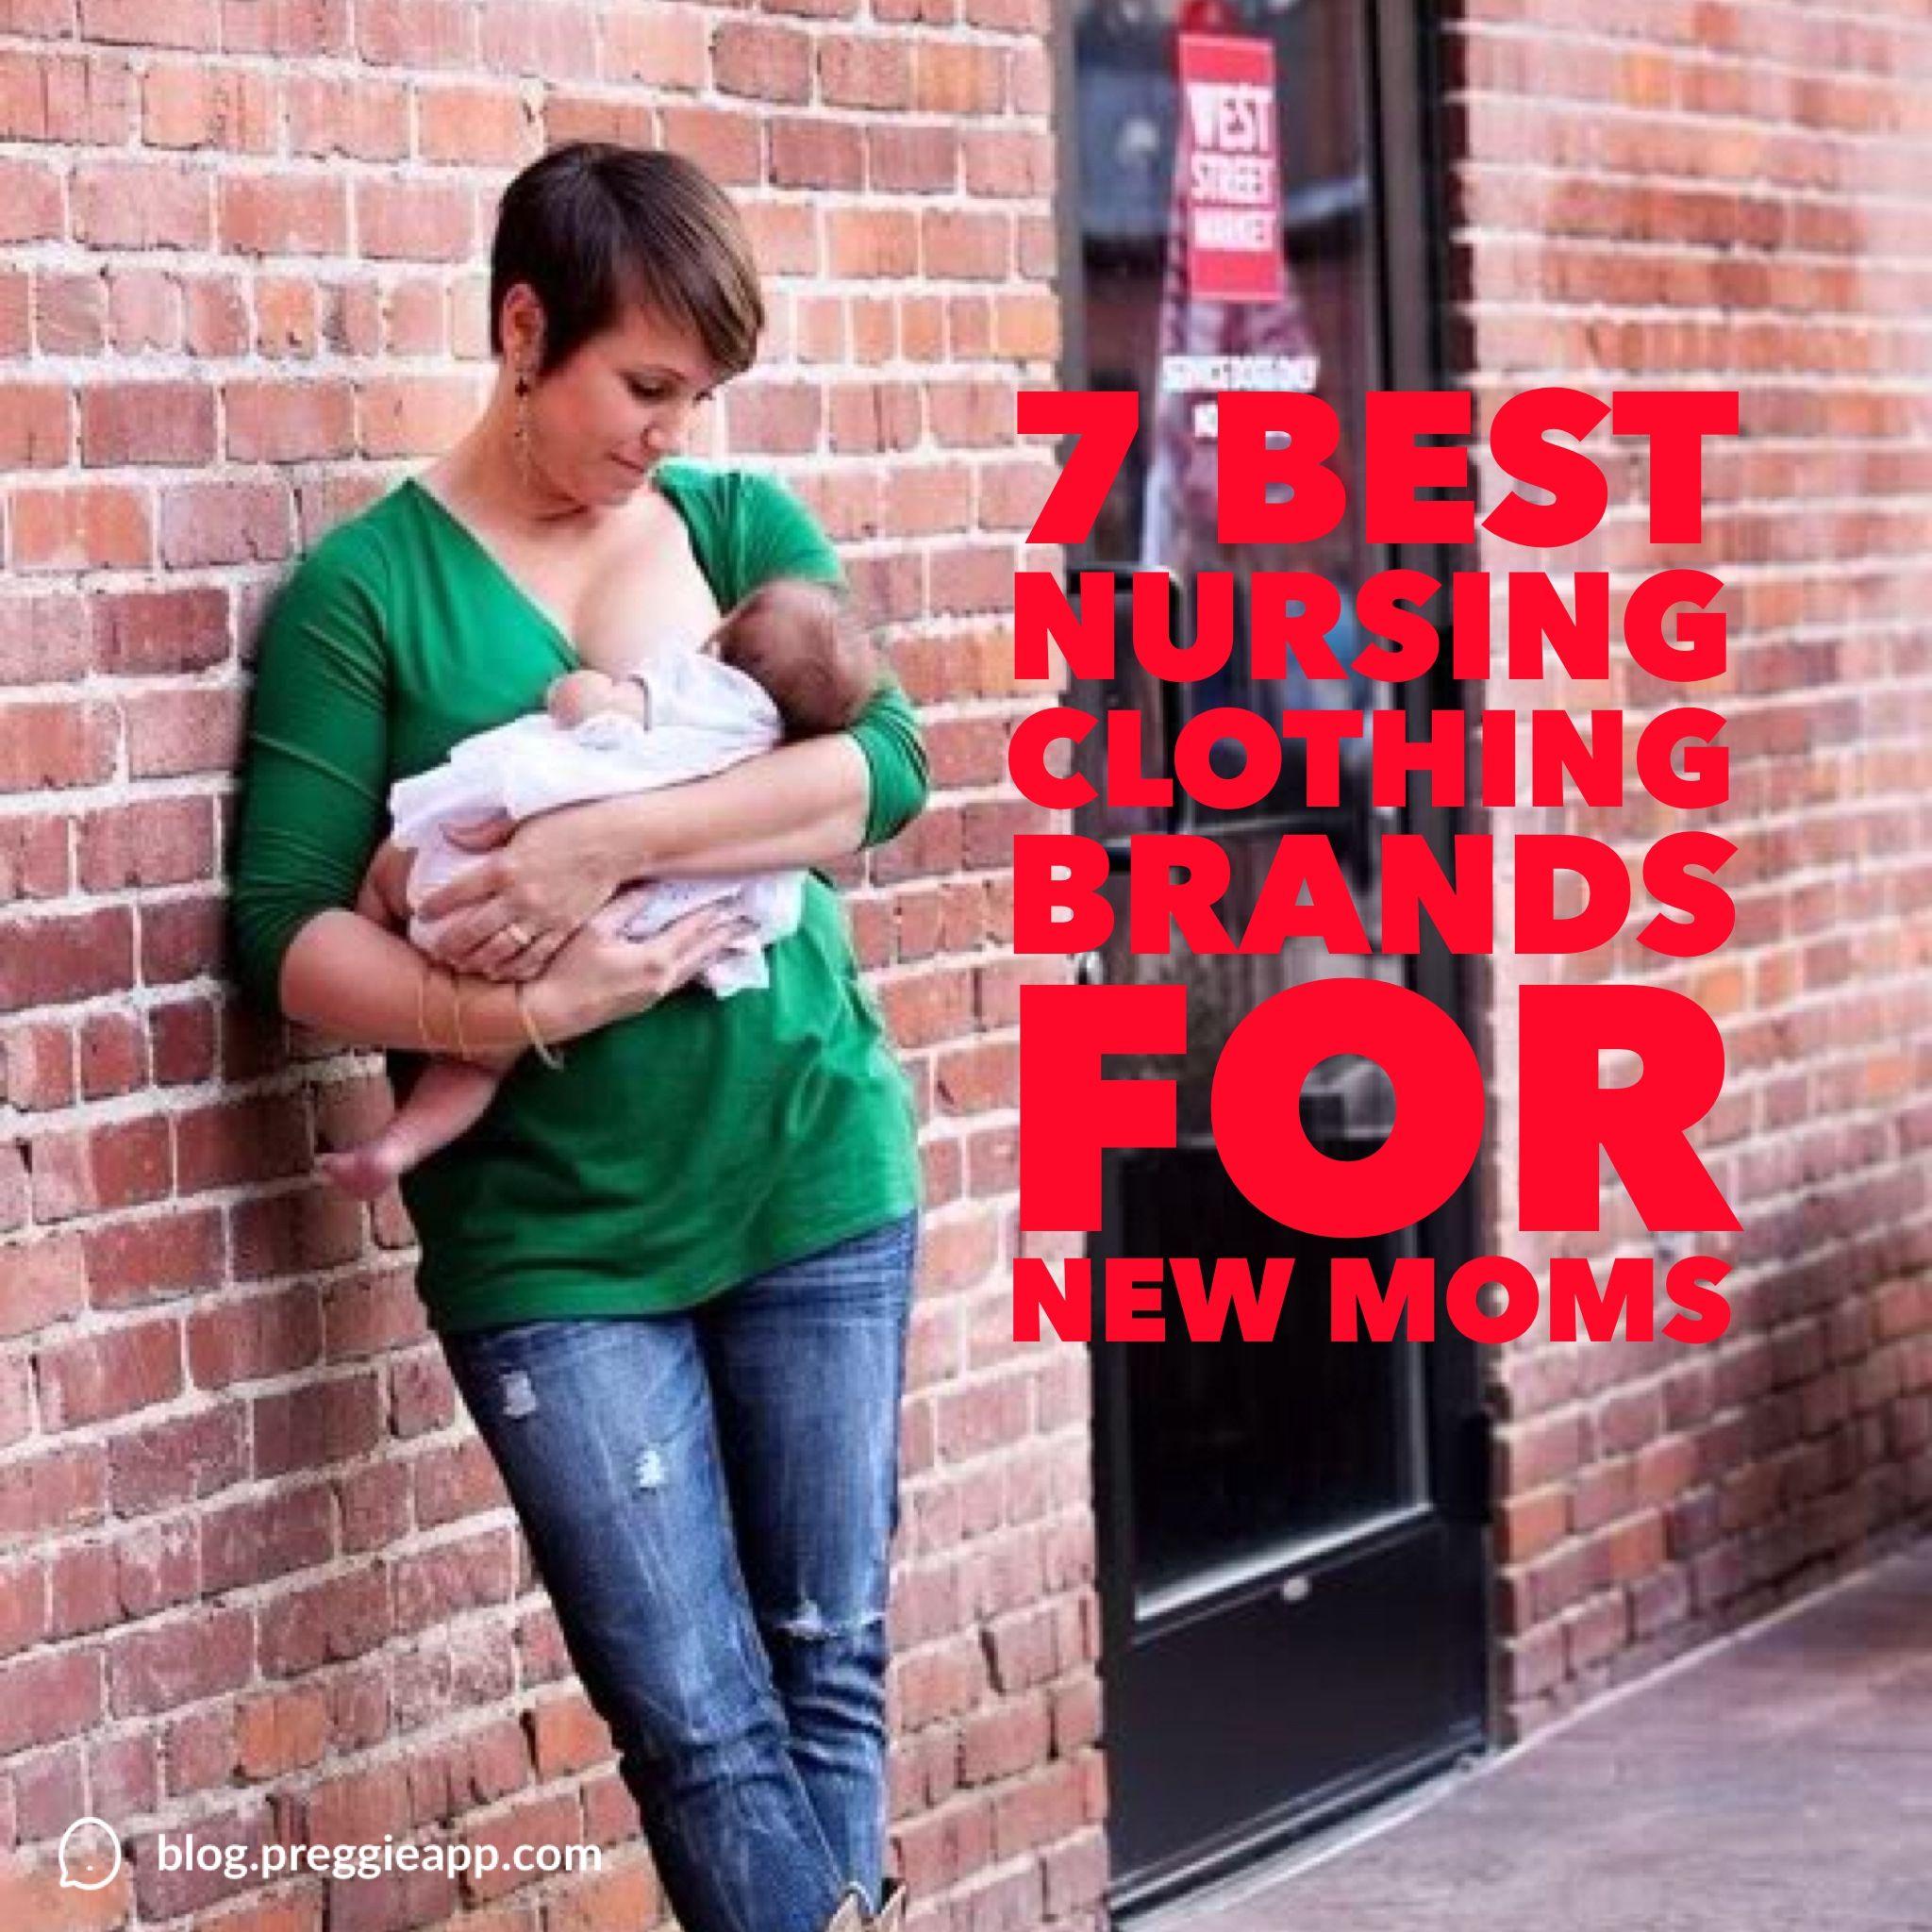 7 Best Nursing Clothing Brands for New Moms